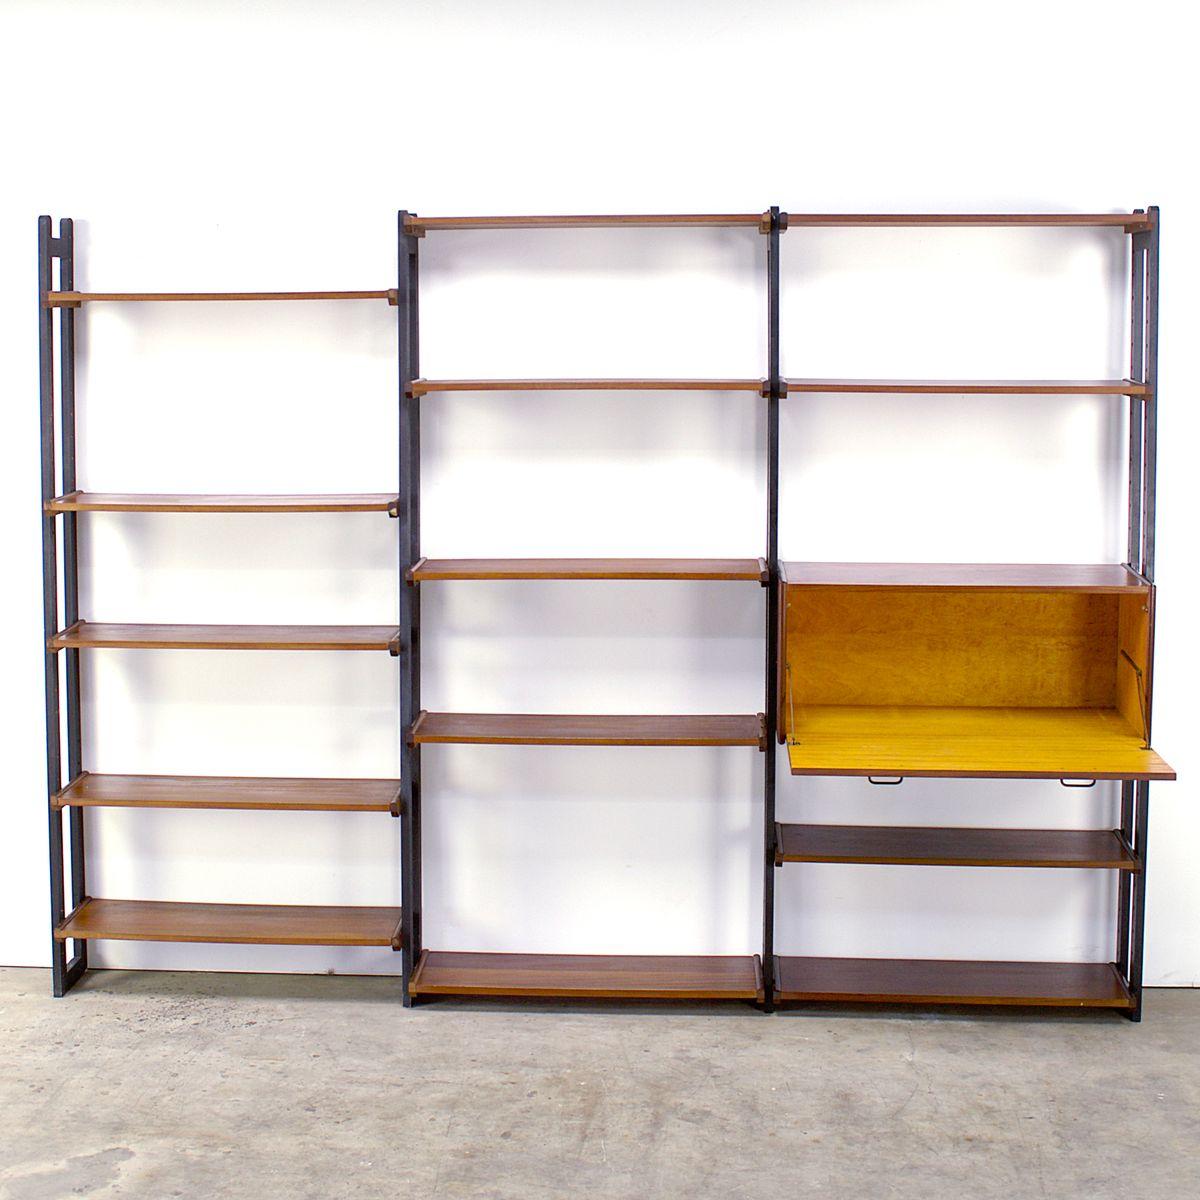 modulares regalsystem aus teakholz von simplalux 1960er. Black Bedroom Furniture Sets. Home Design Ideas